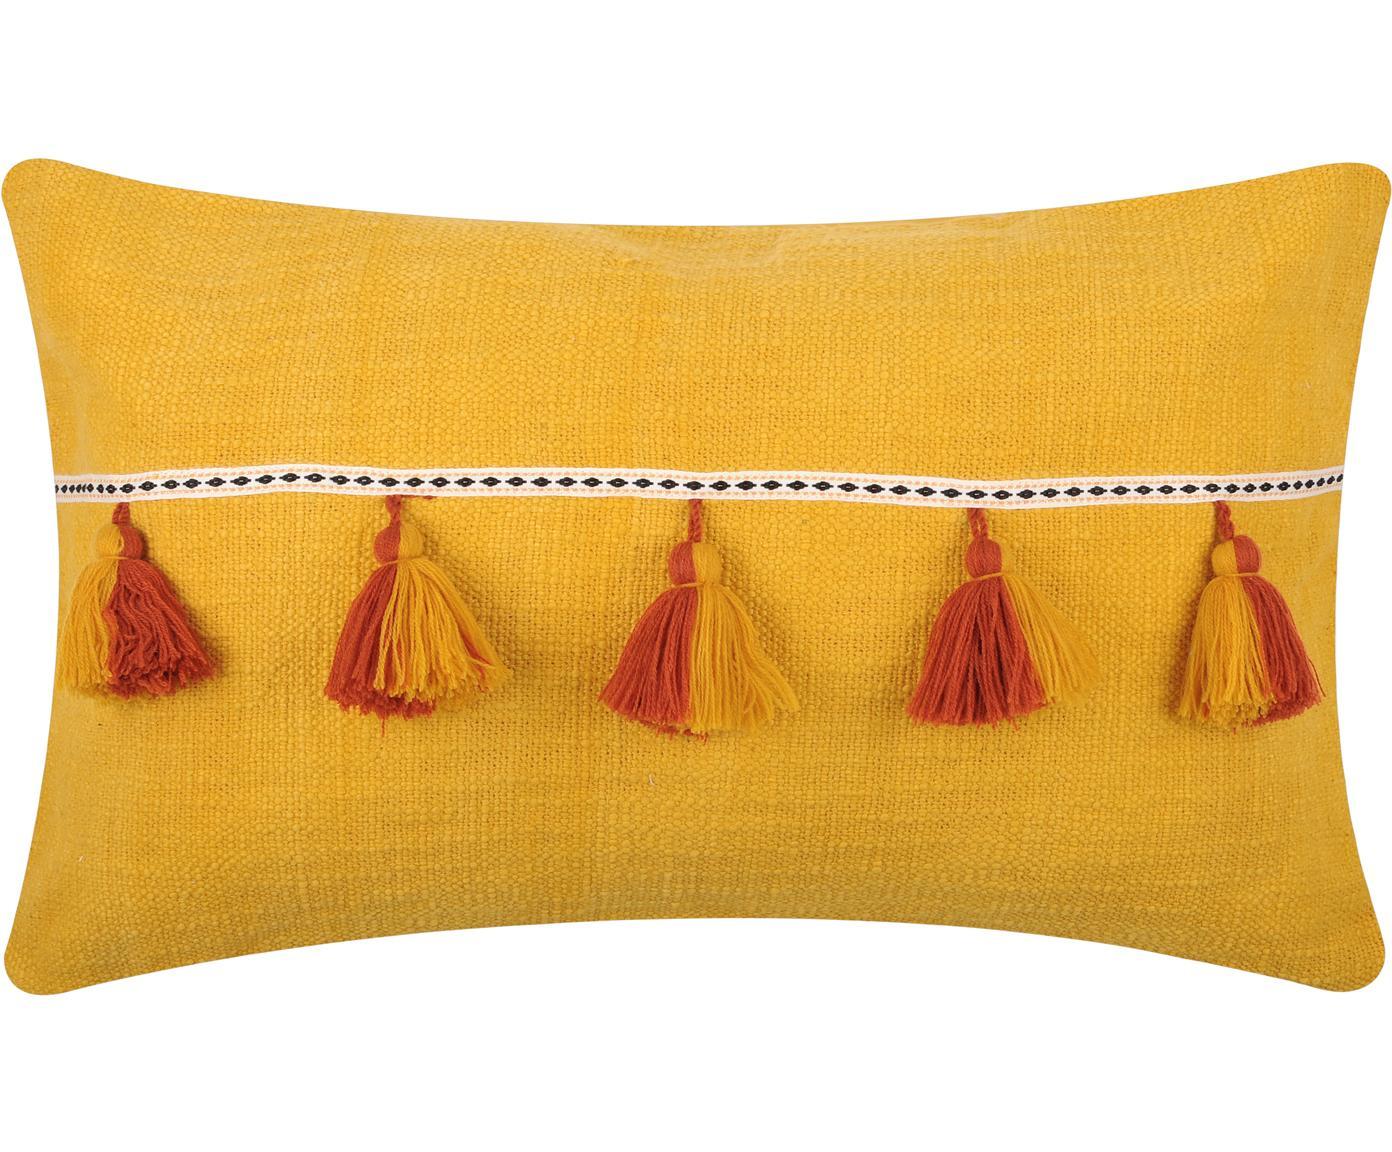 Kussen Majorque, met vulling, Katoen, Geel, rood, 35 x 55 cm